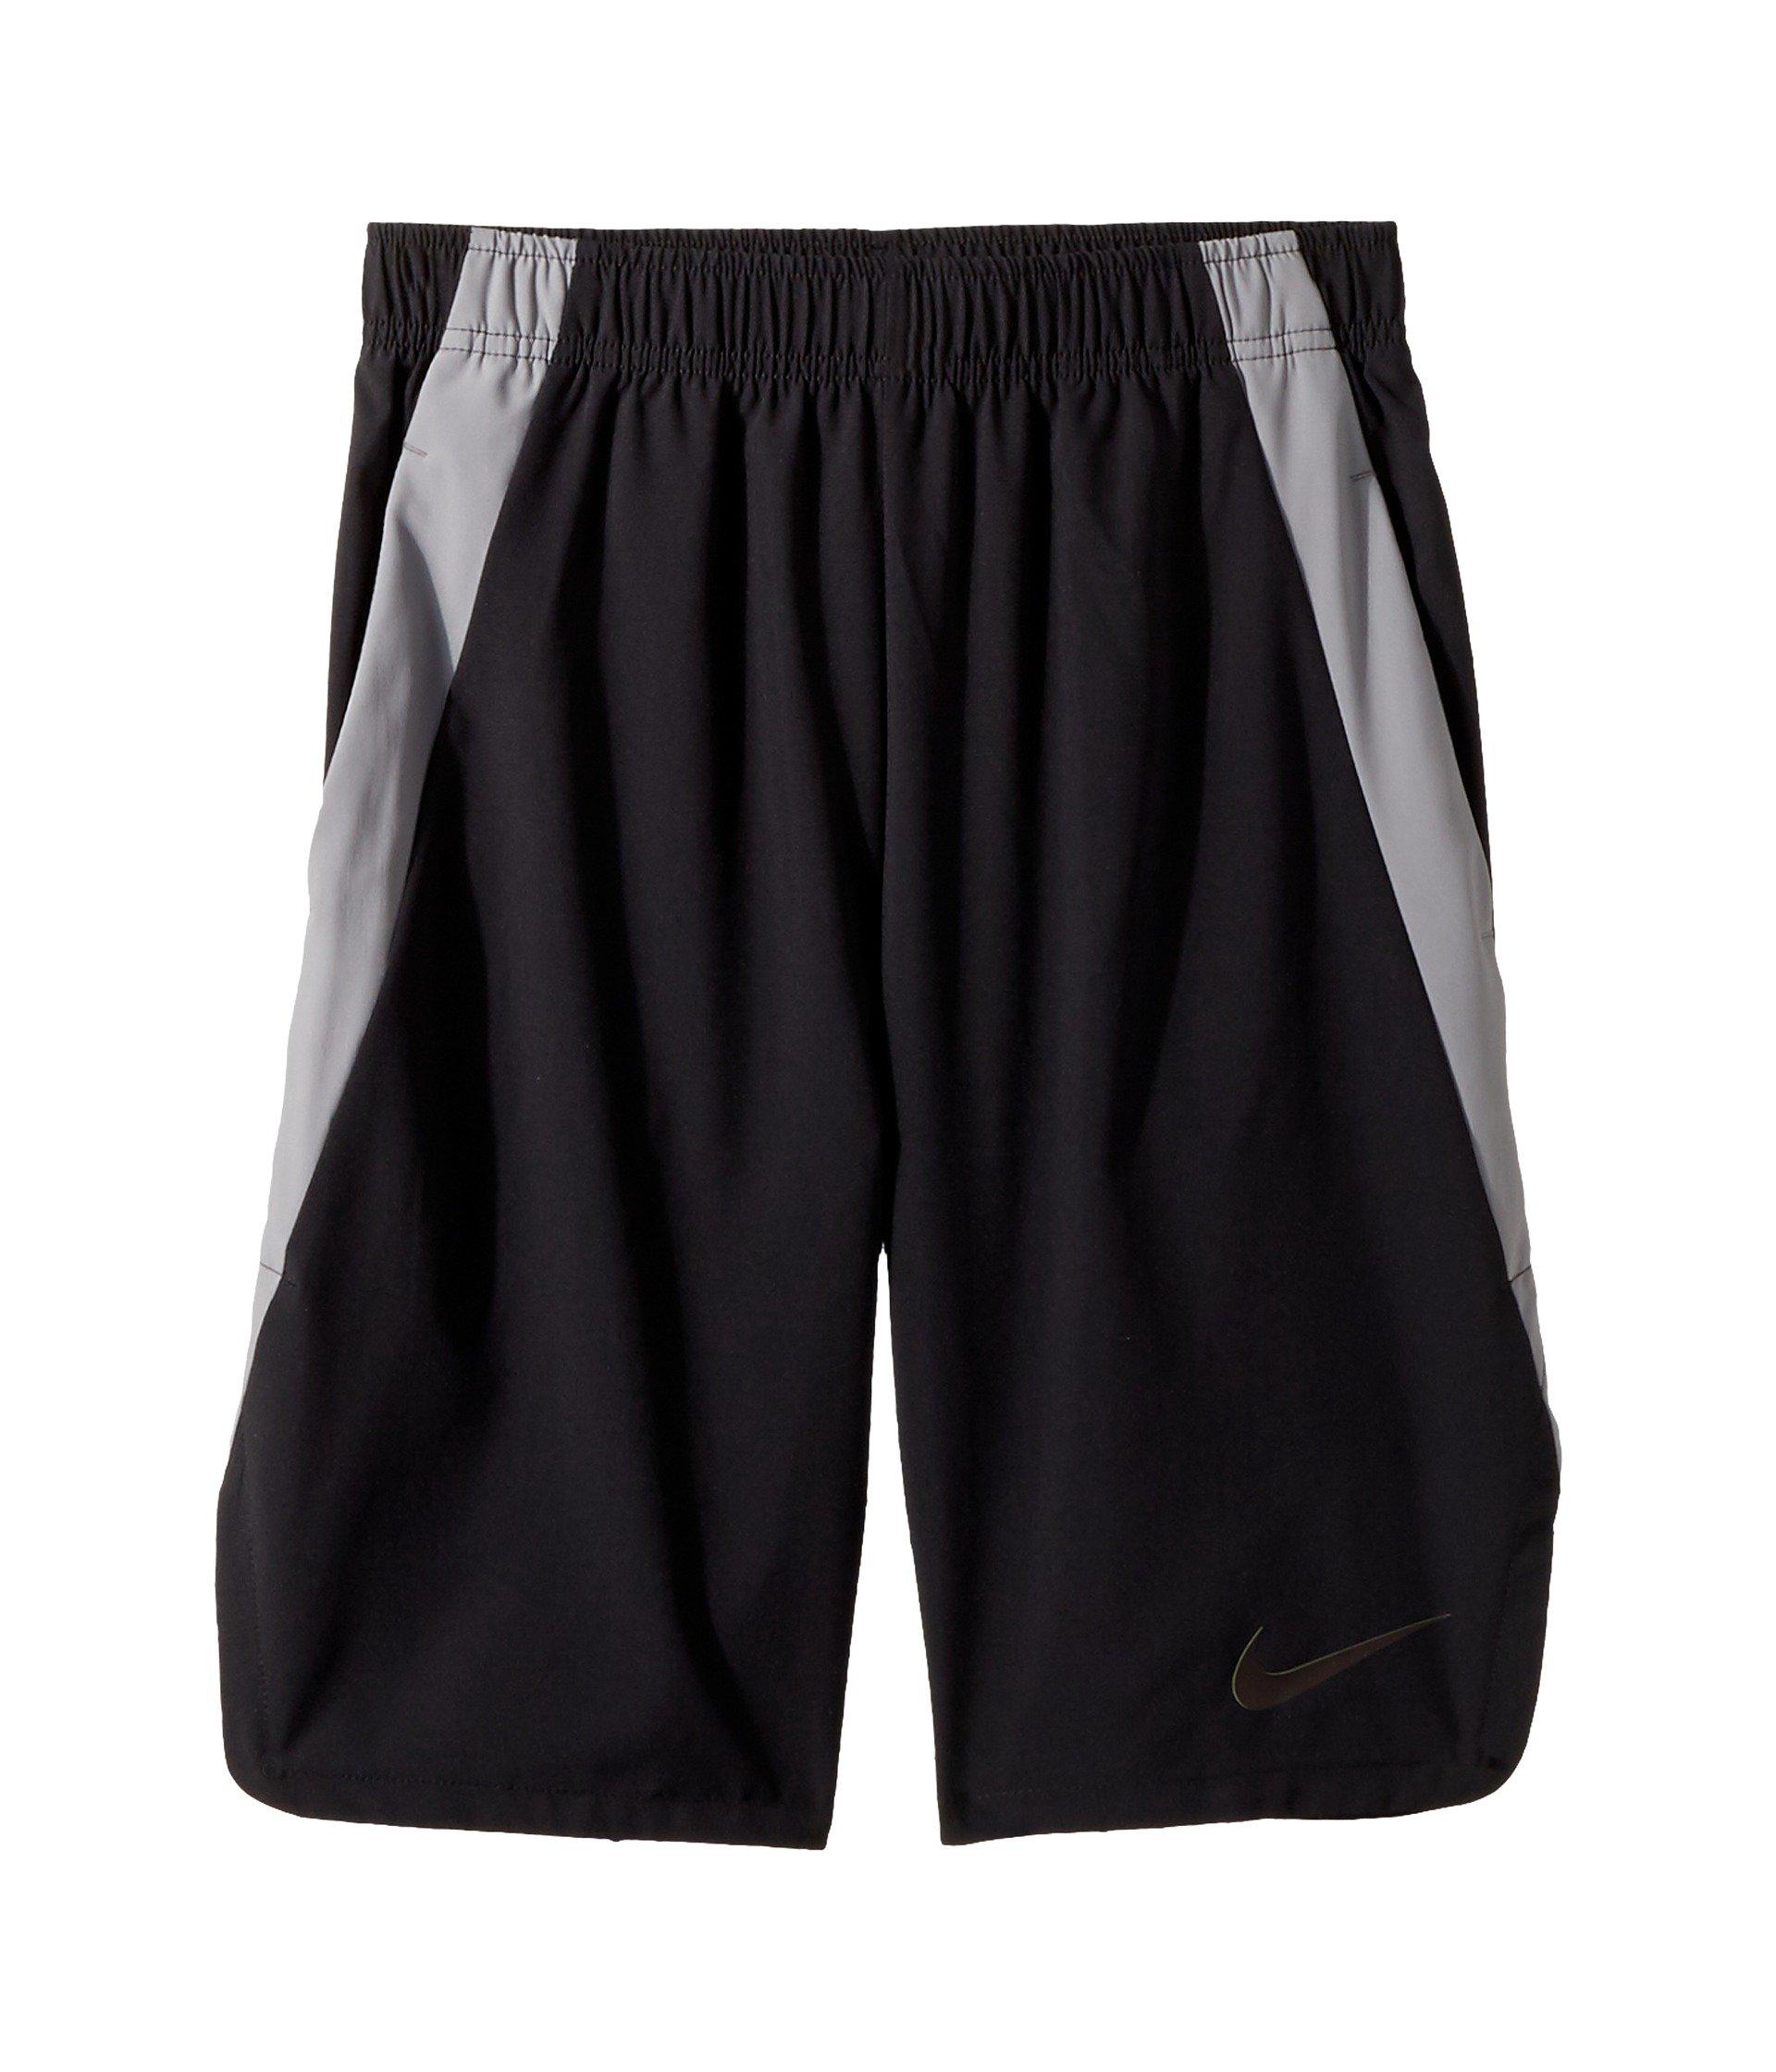 Nike Boys Vent Training Shorts (Medium, Black/Cool Grey/Black)